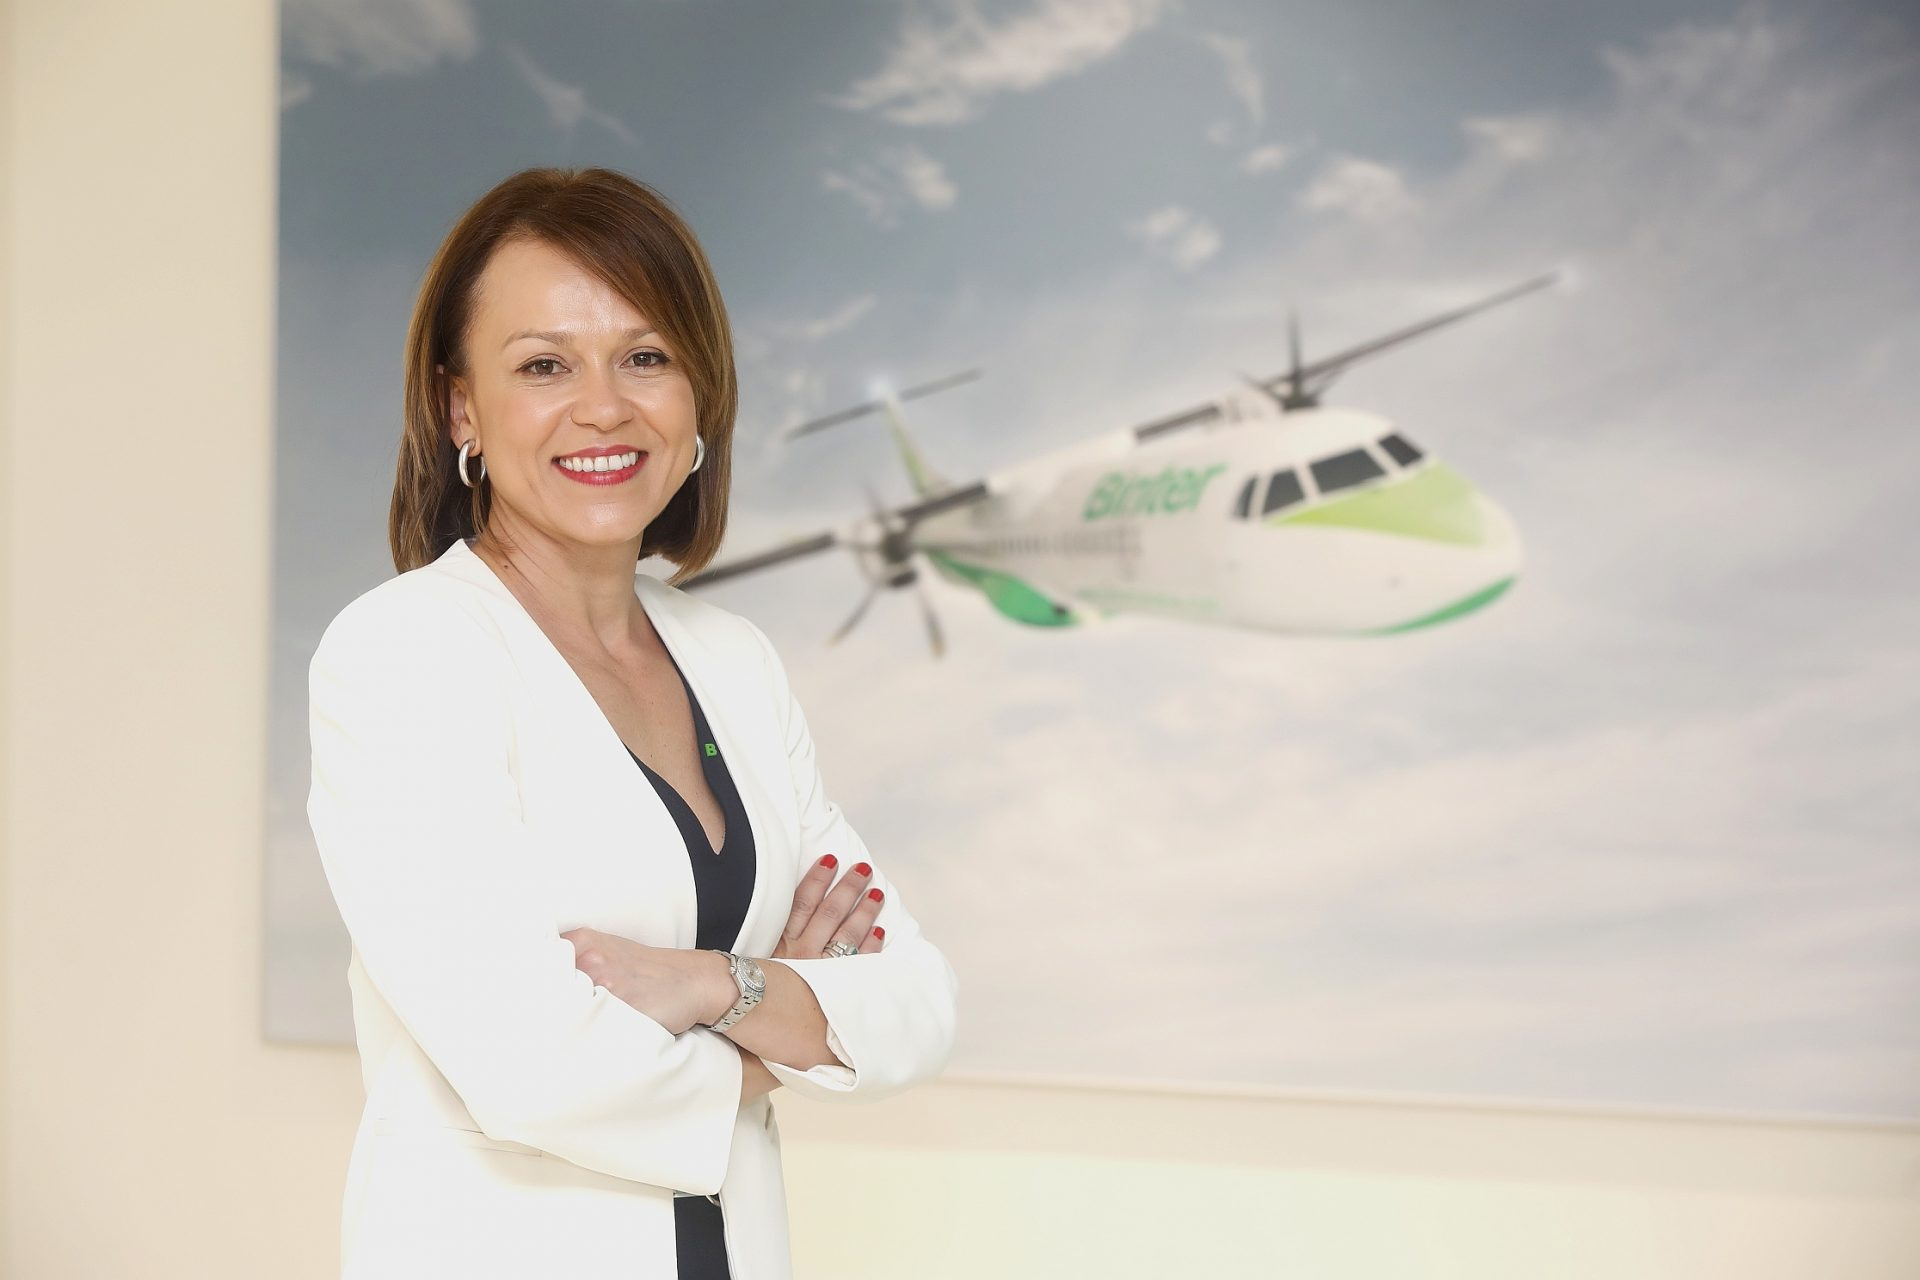 La directora de relaciones institucionales y Comunicación de Binter, Noelia Curbelo. DA